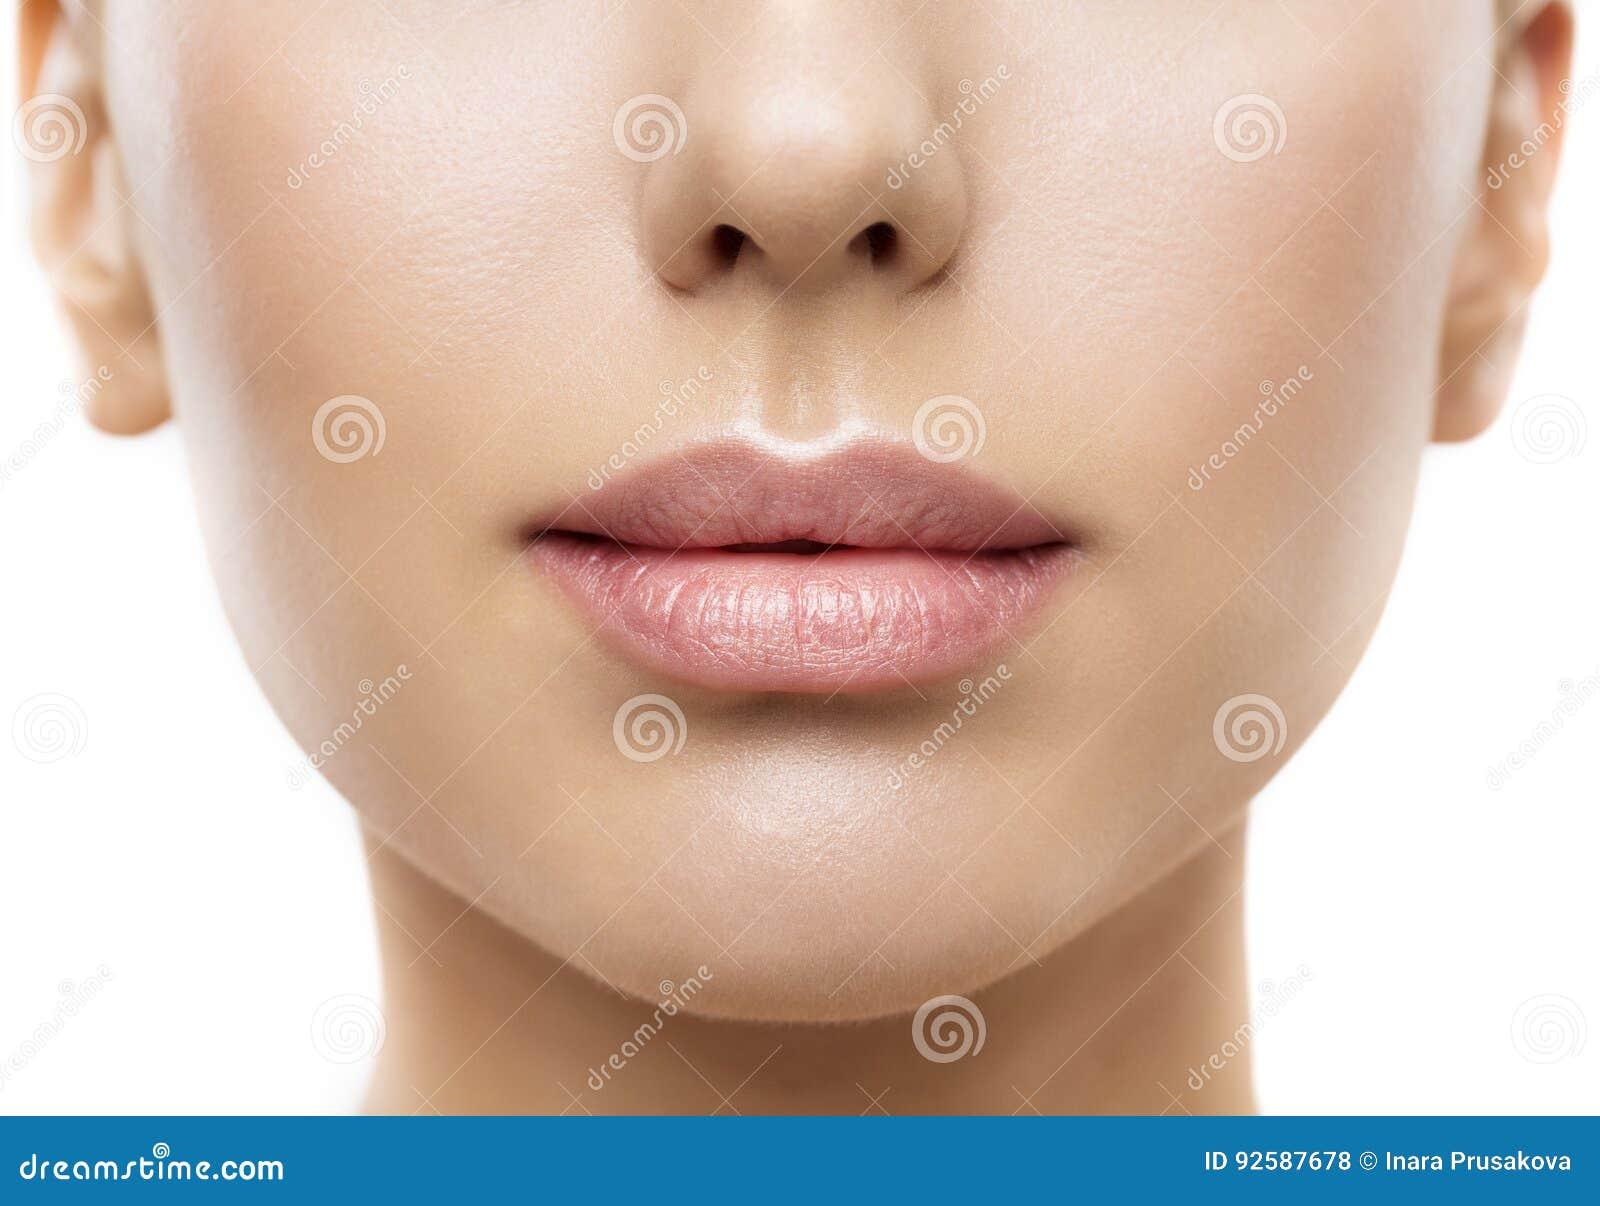 Lèvres, beauté de bouche de visage de femme, plein plan rapproché de lèvre de belle peau